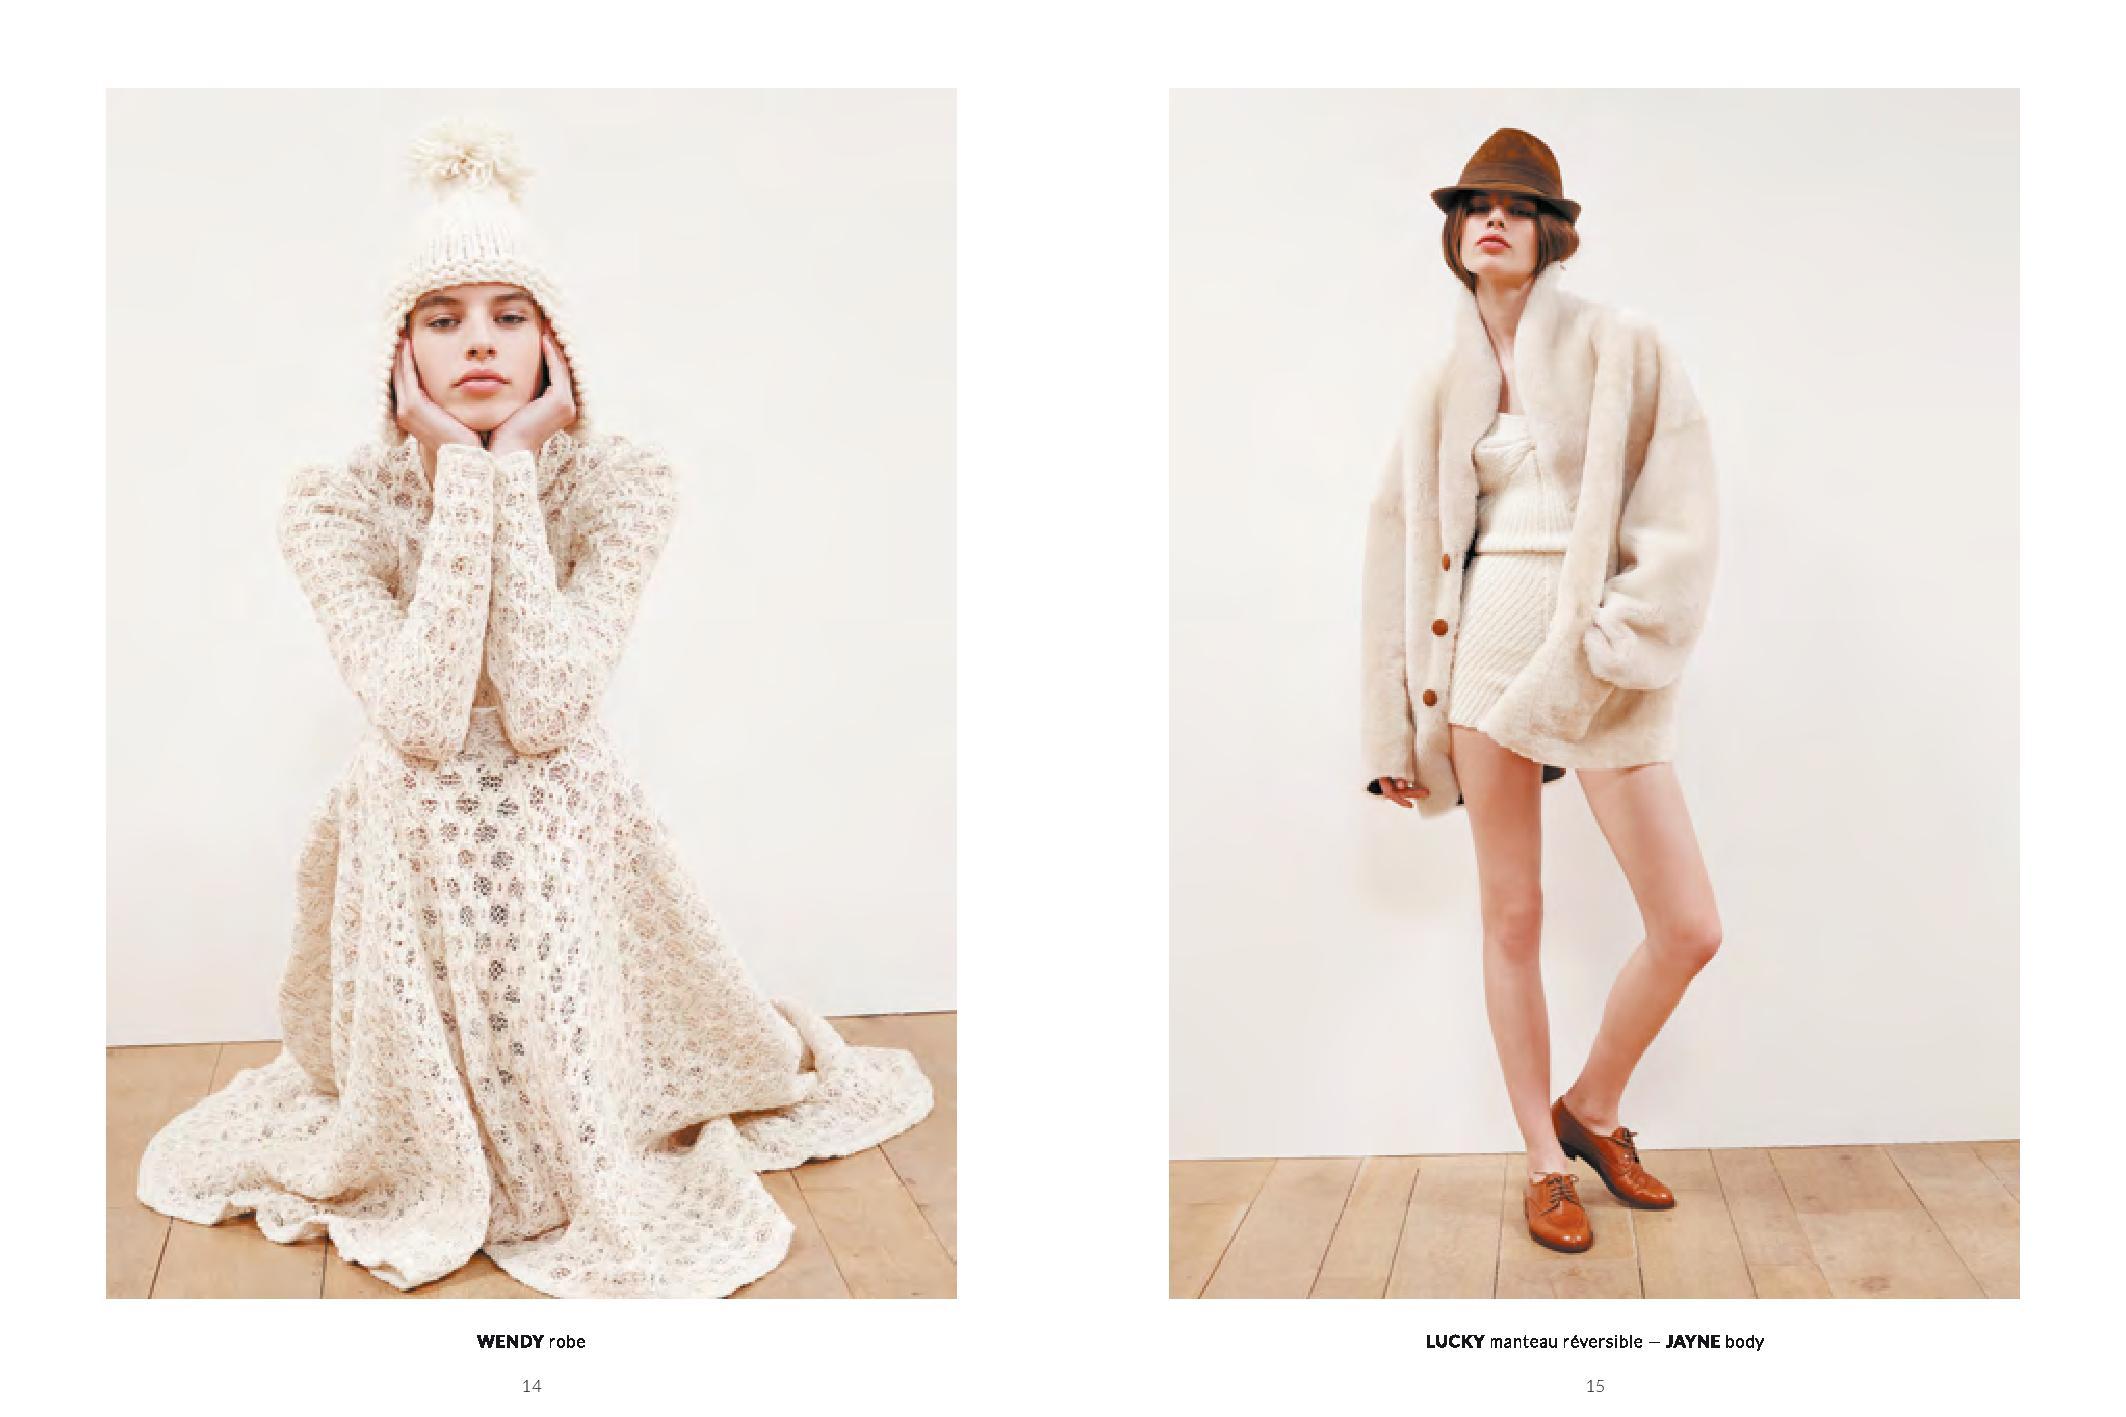 bf_md_lookbook_mes_demoiselles_paris_web_dresscode-page-010.jpg